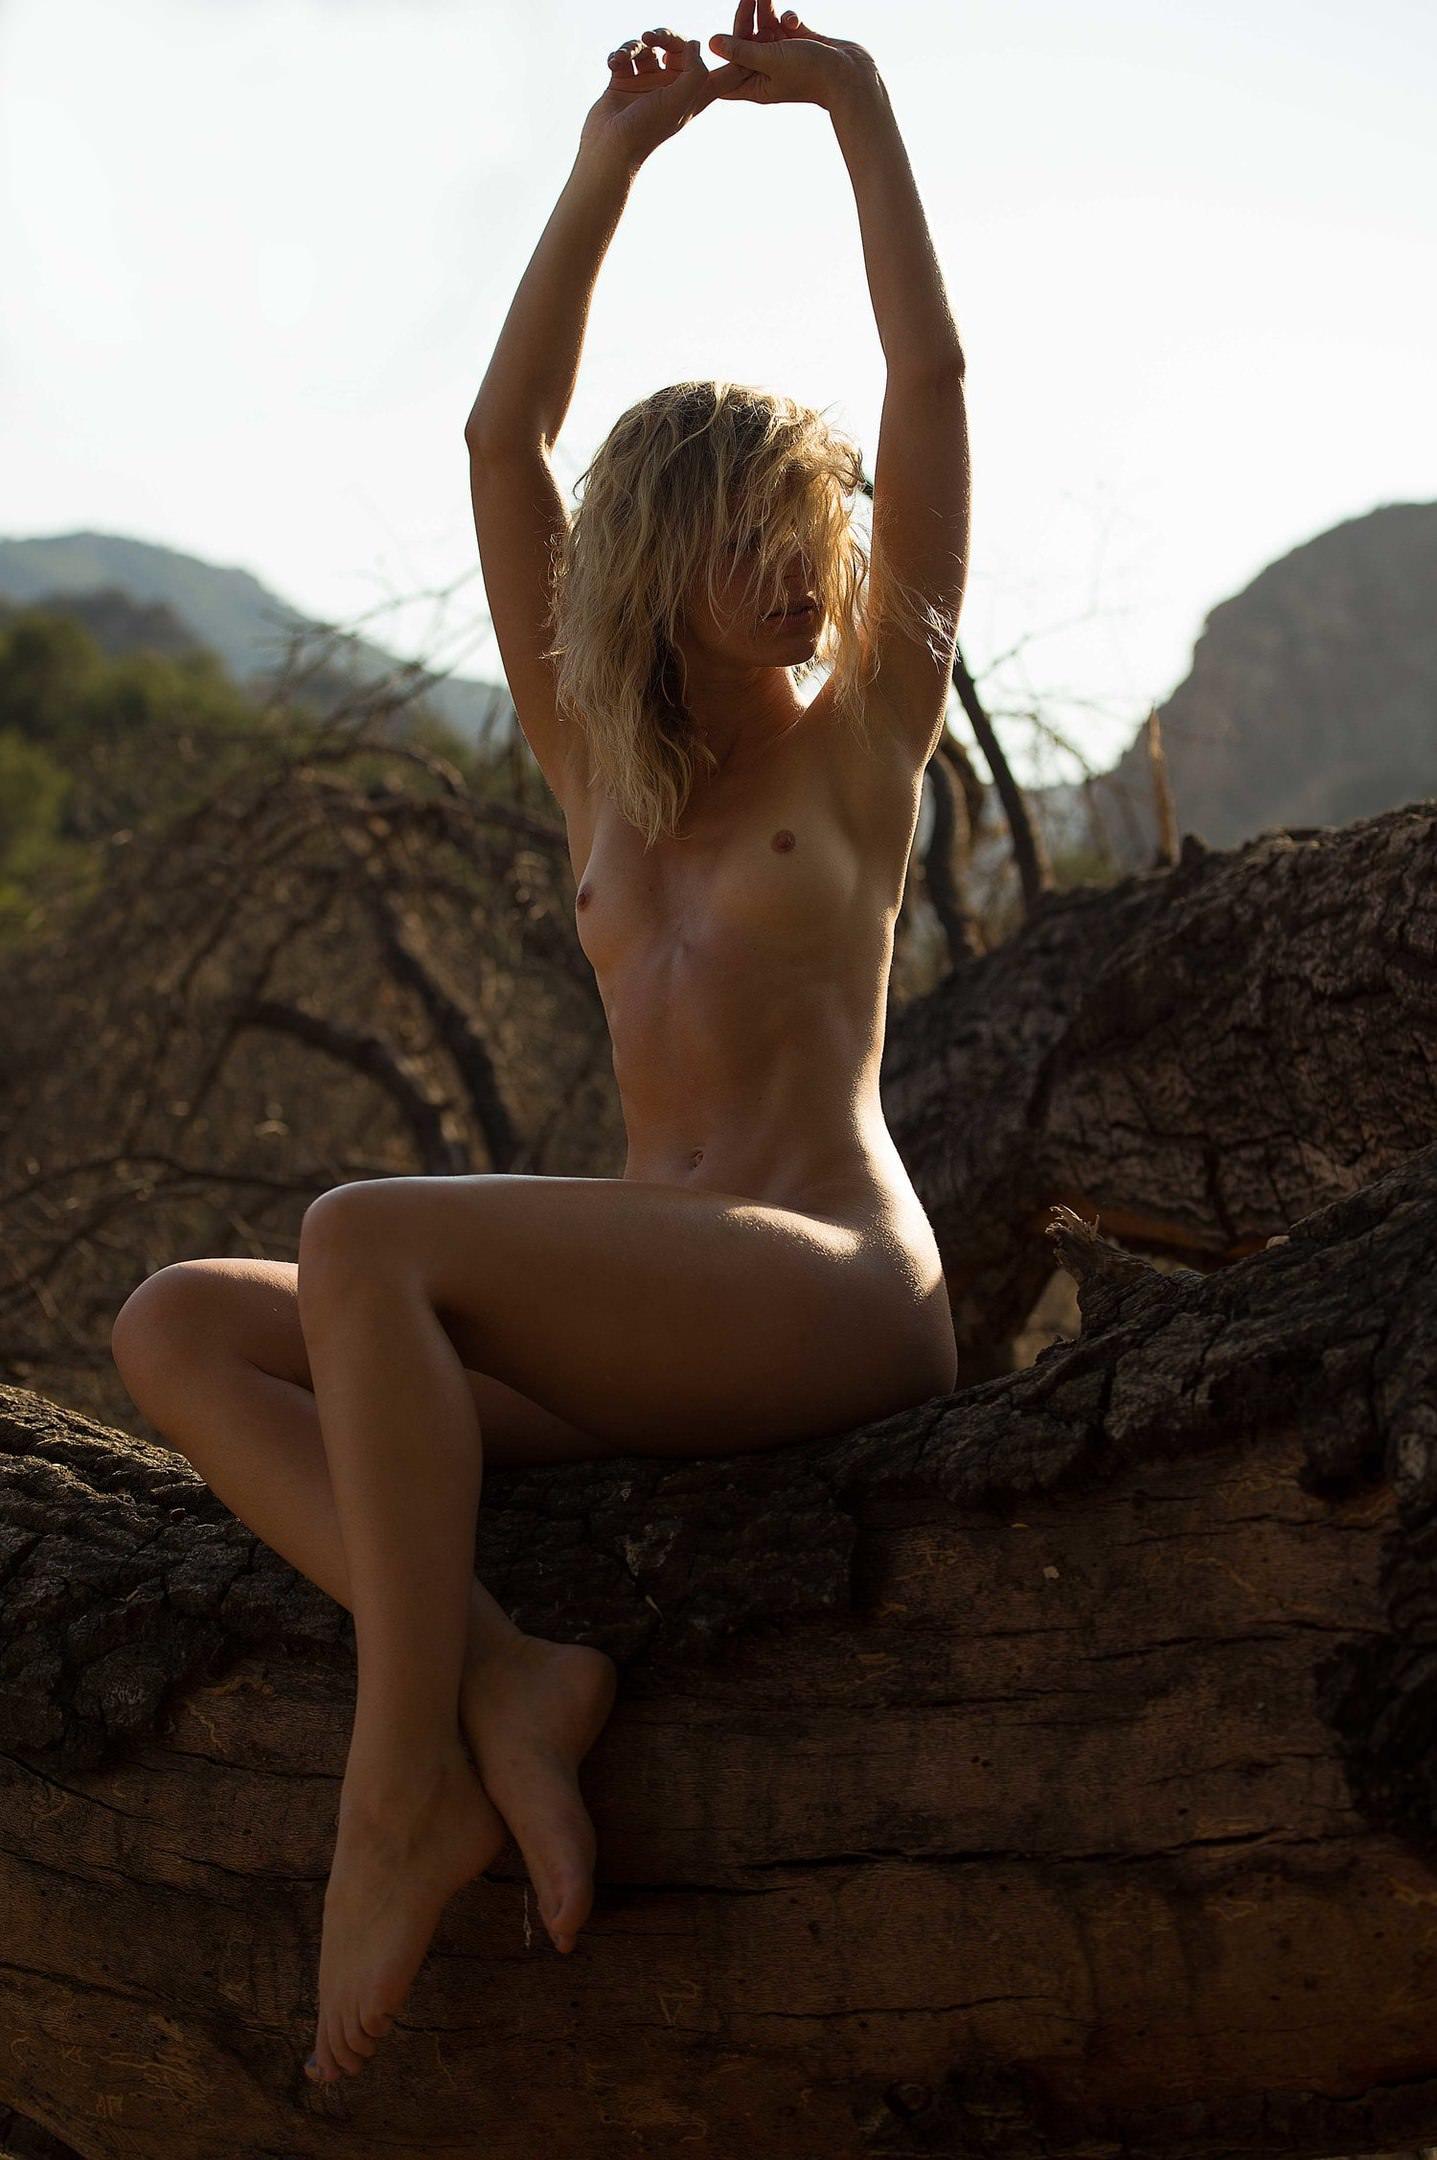 Boobs Evelyn Laye nudes (47 foto) Video, iCloud, braless